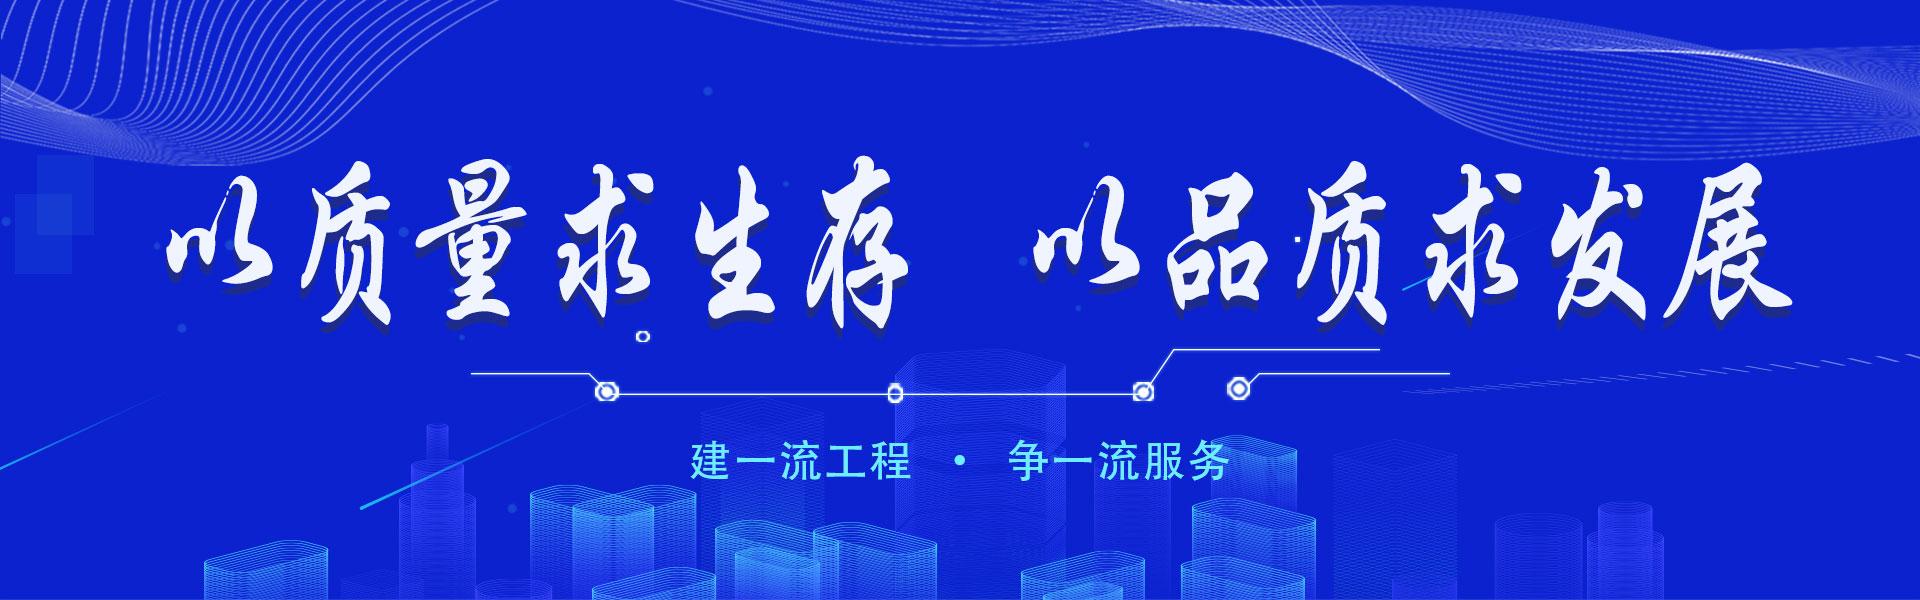 郑州消防公司